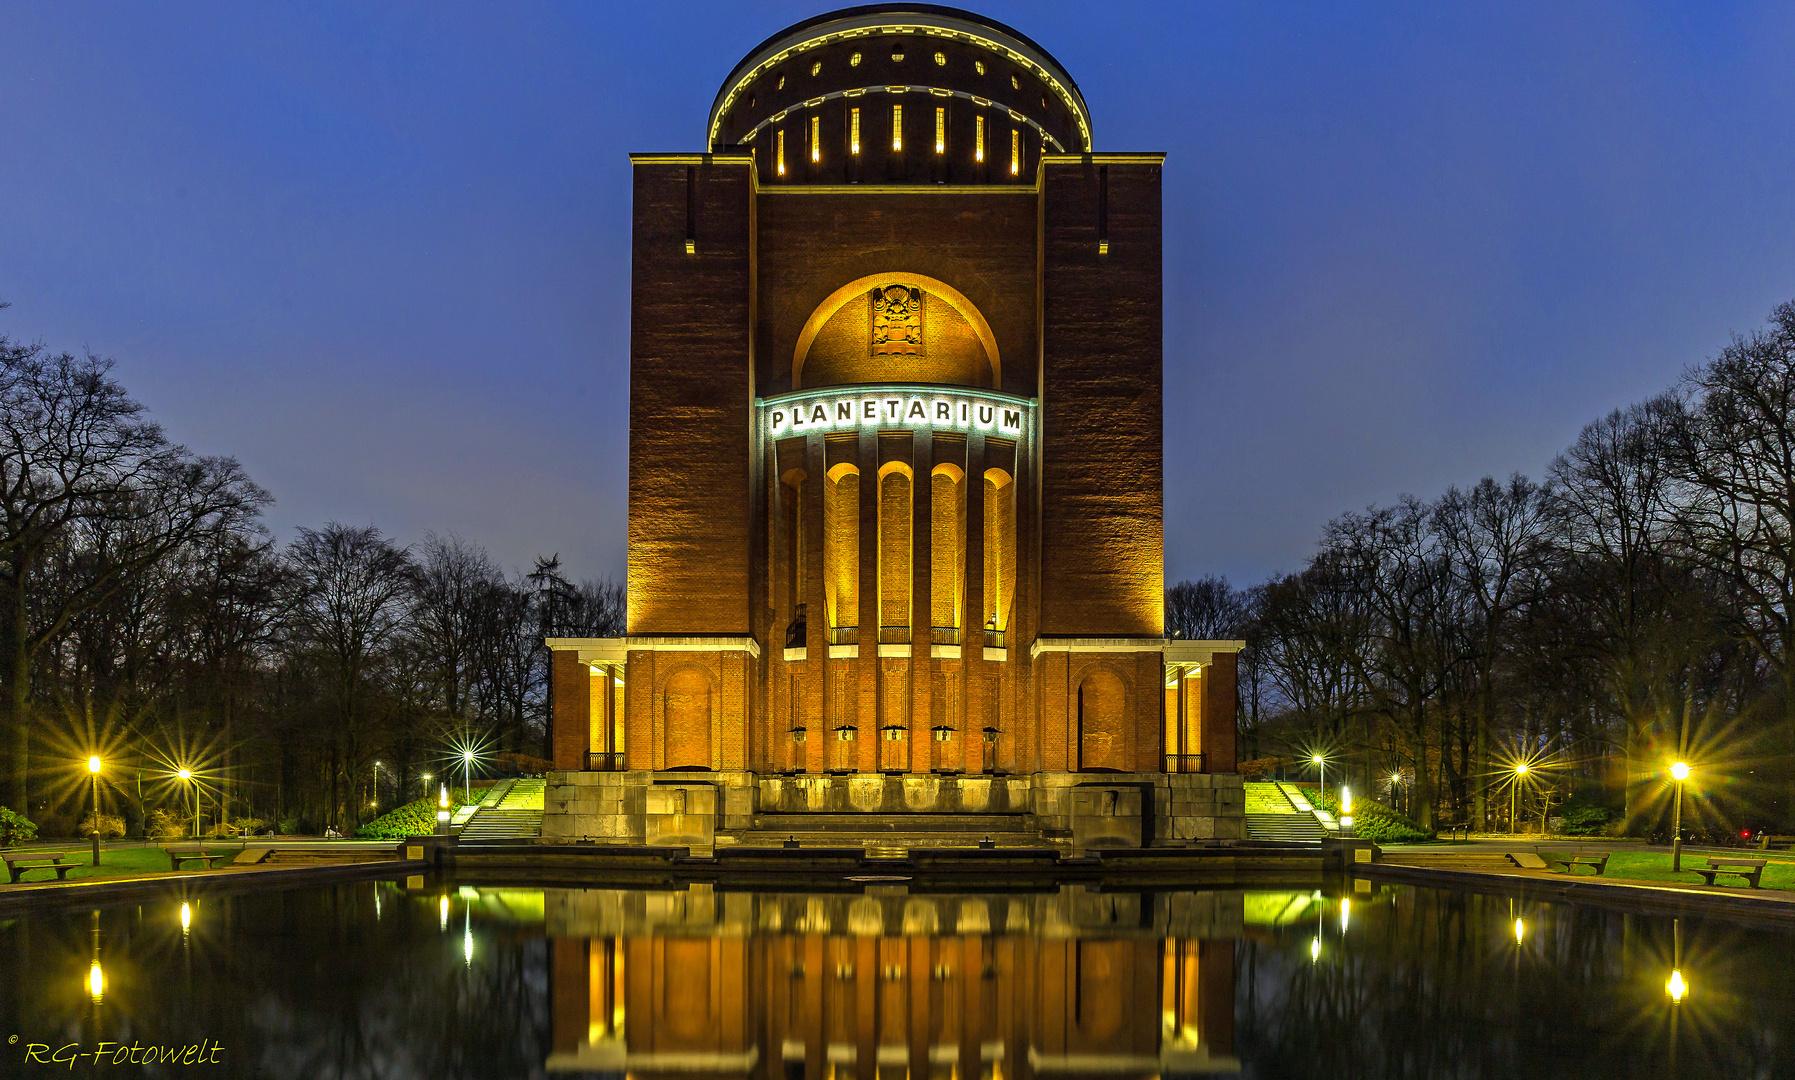 planetarium querformat foto  bild  architektur